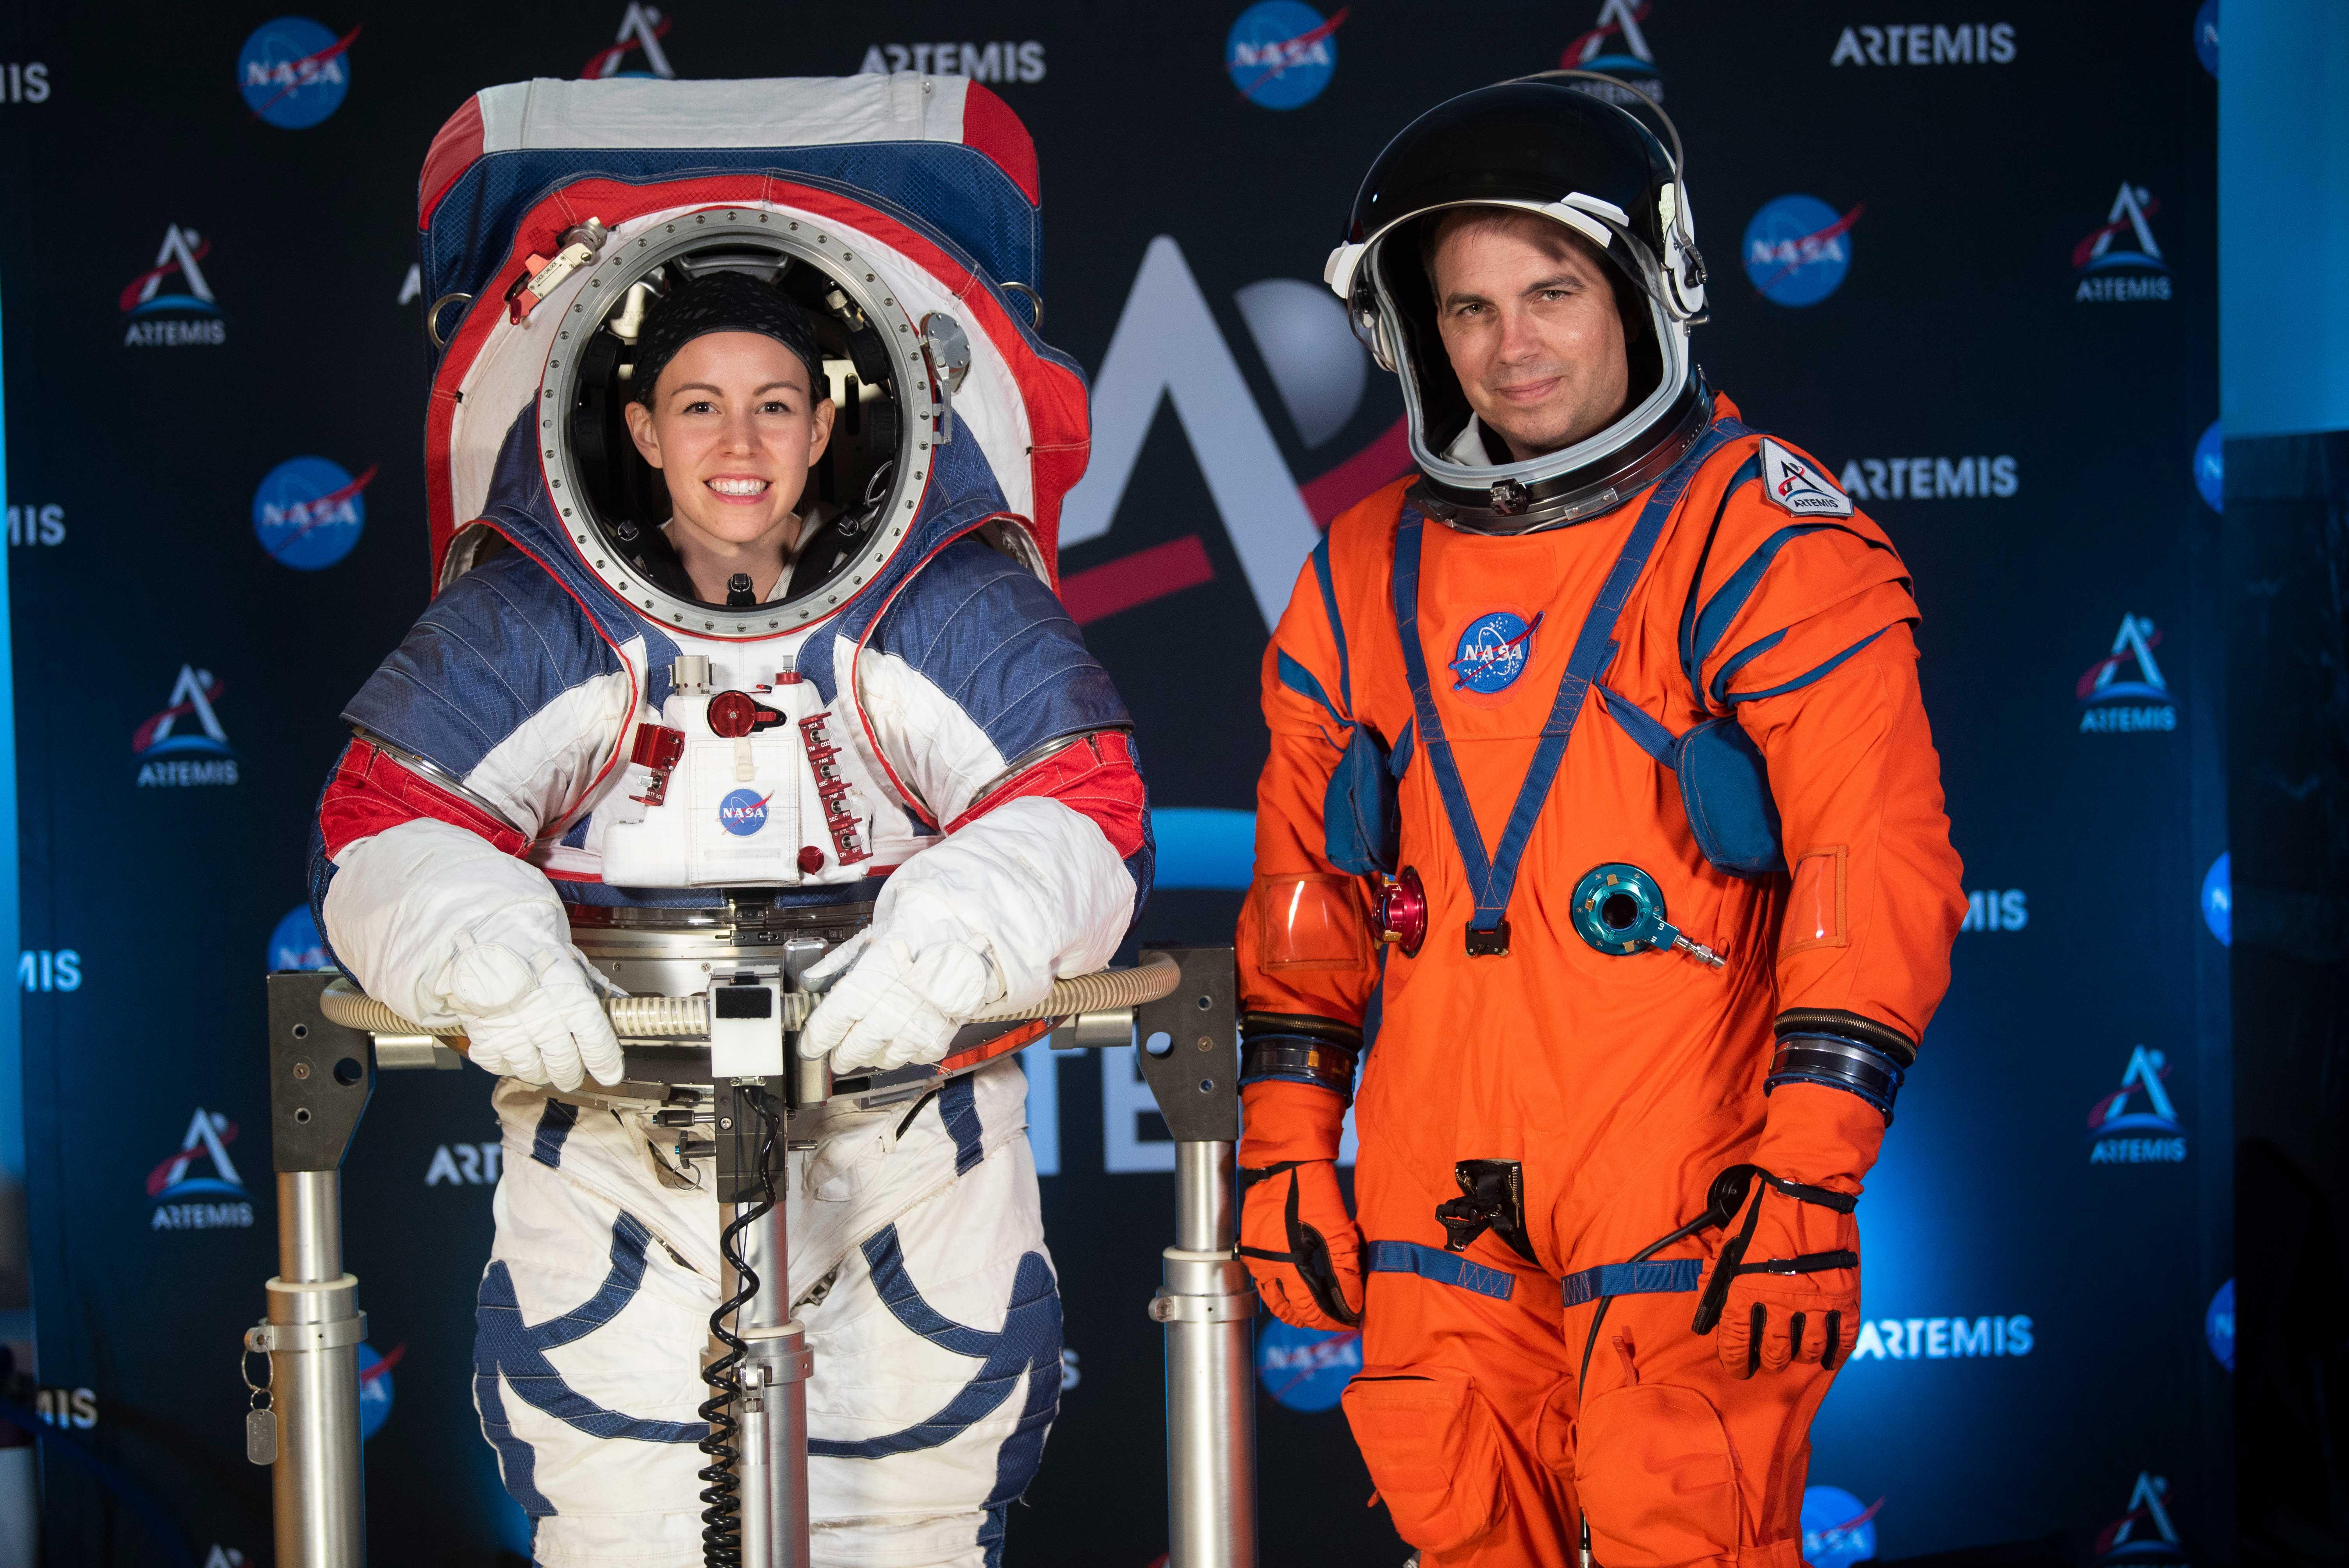 Kristine Davis y Dustin Gohmert modelaron los trajes ante la prensa en la sede de la Agencia Espacial de Estados Unidos en Washington